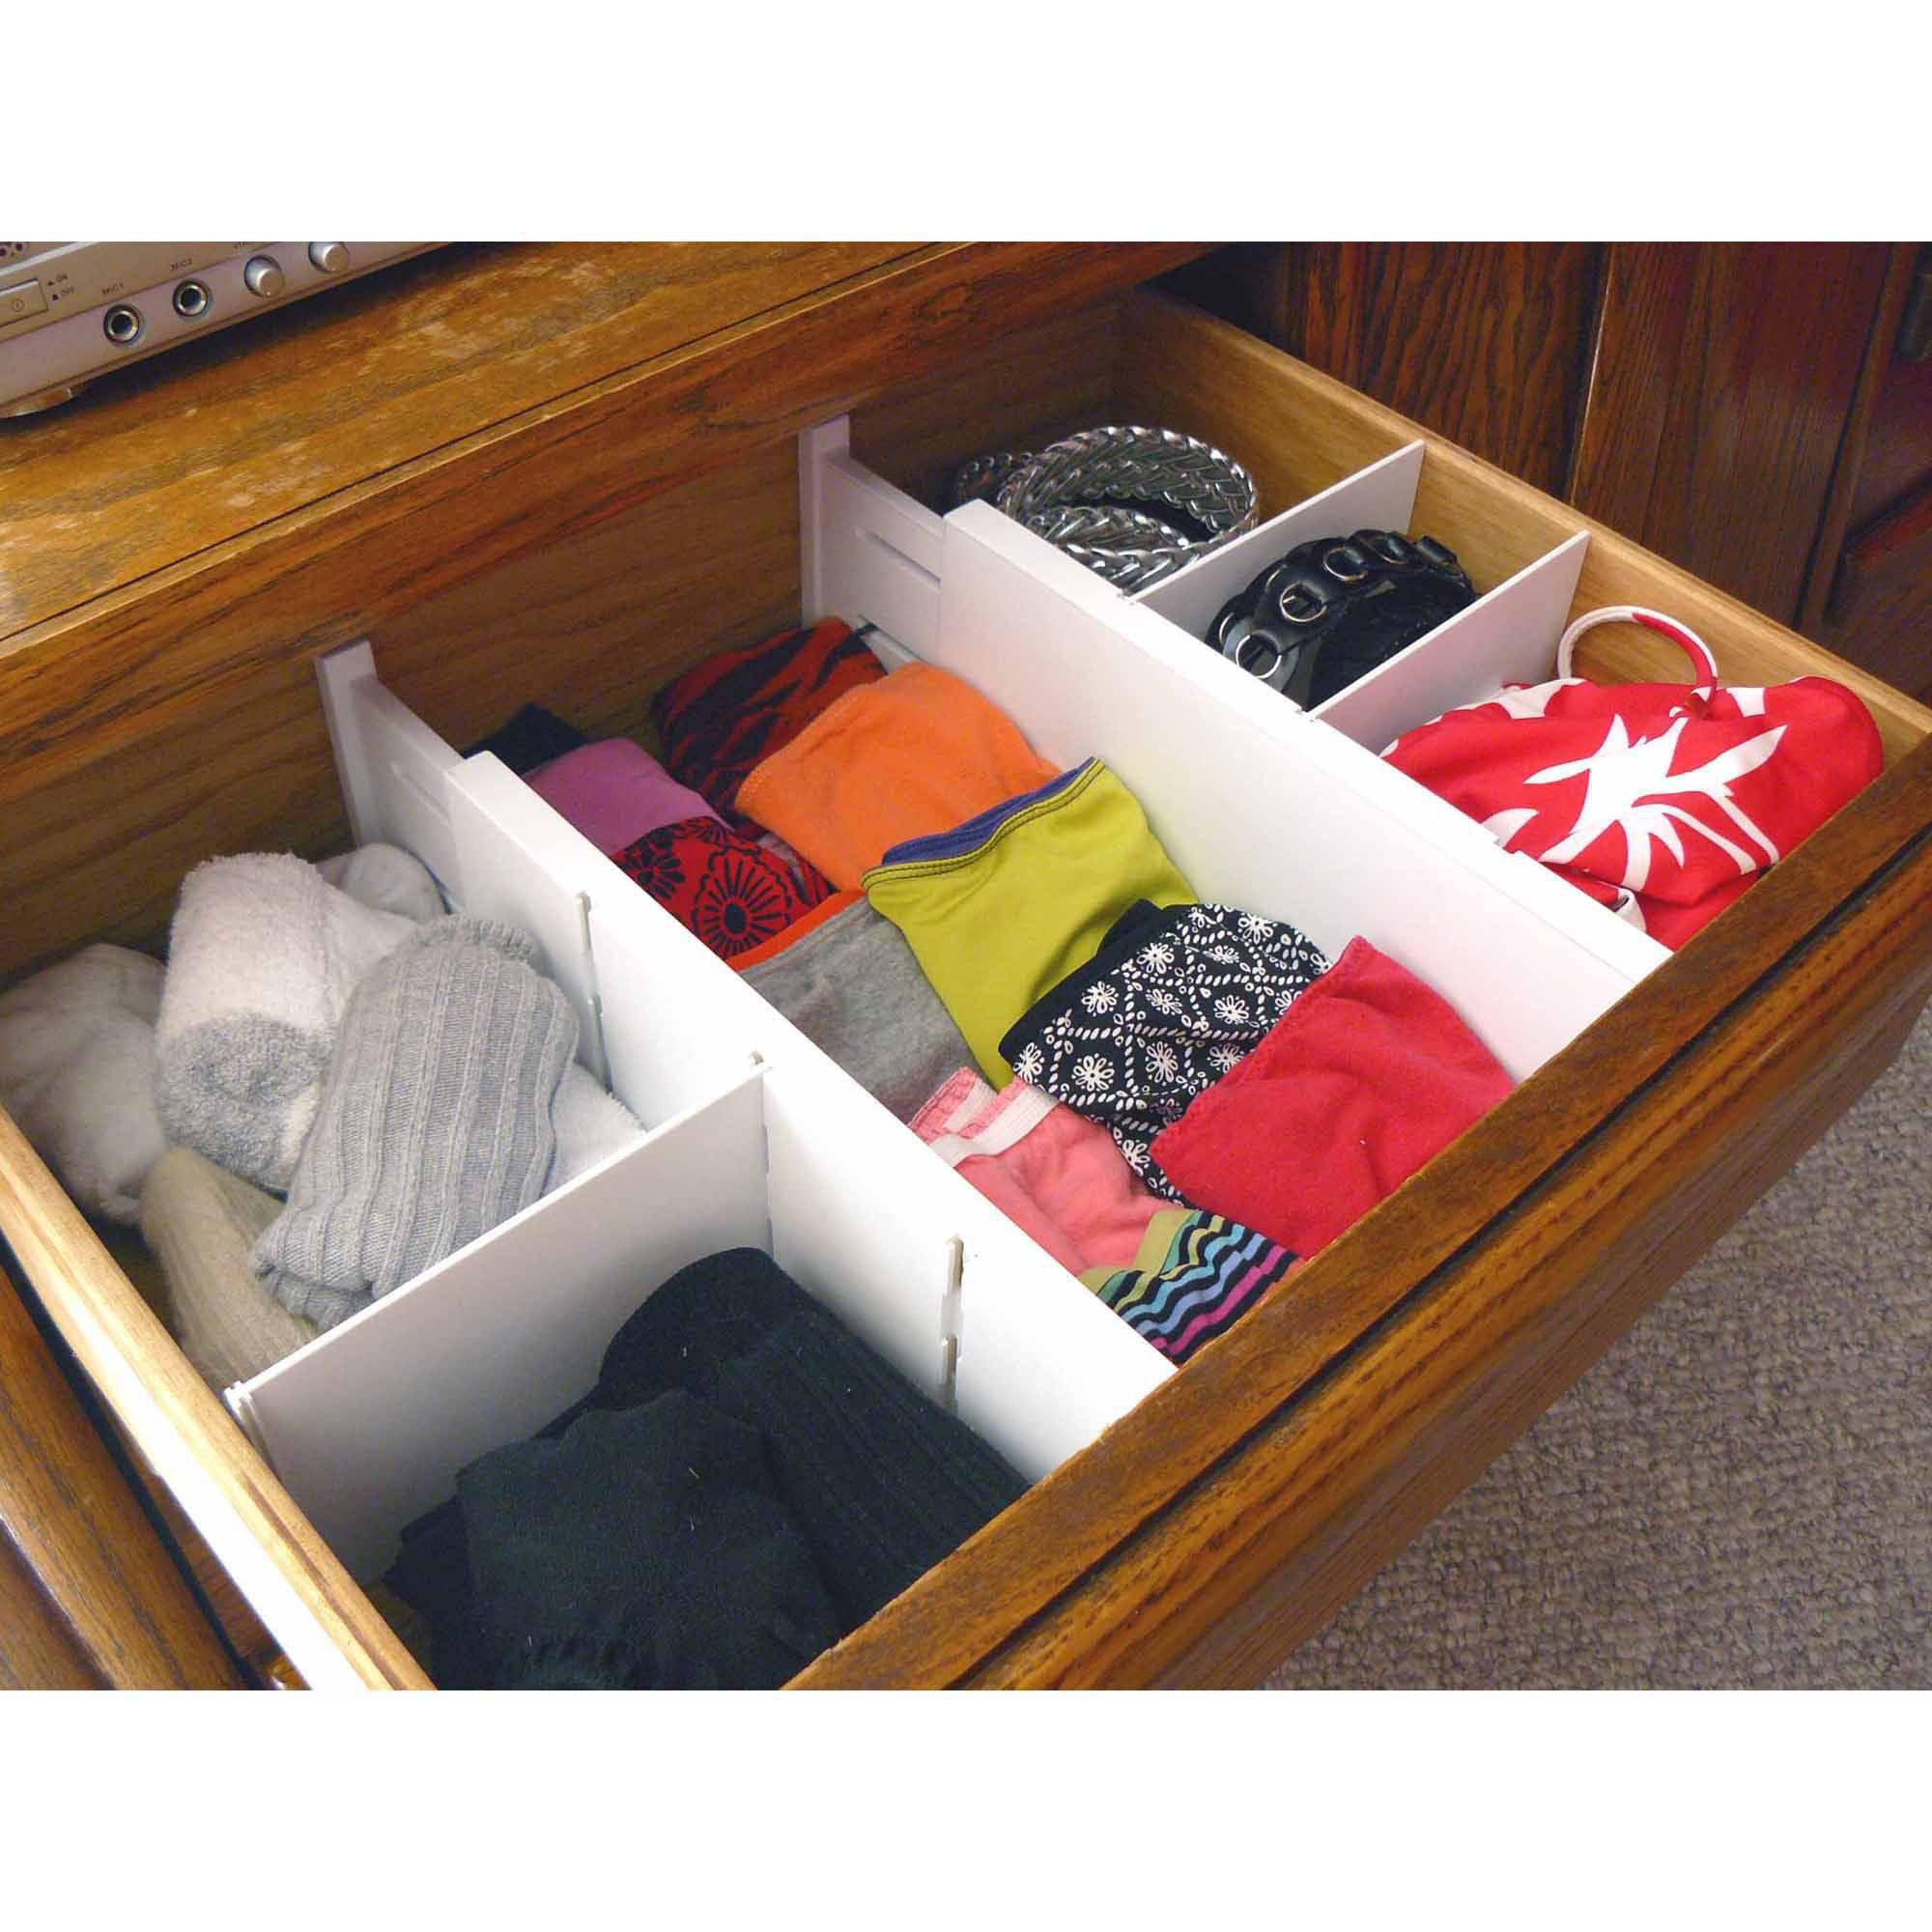 shore home furniture dresser organizers ca kitchen organizer south amazon dp drawer